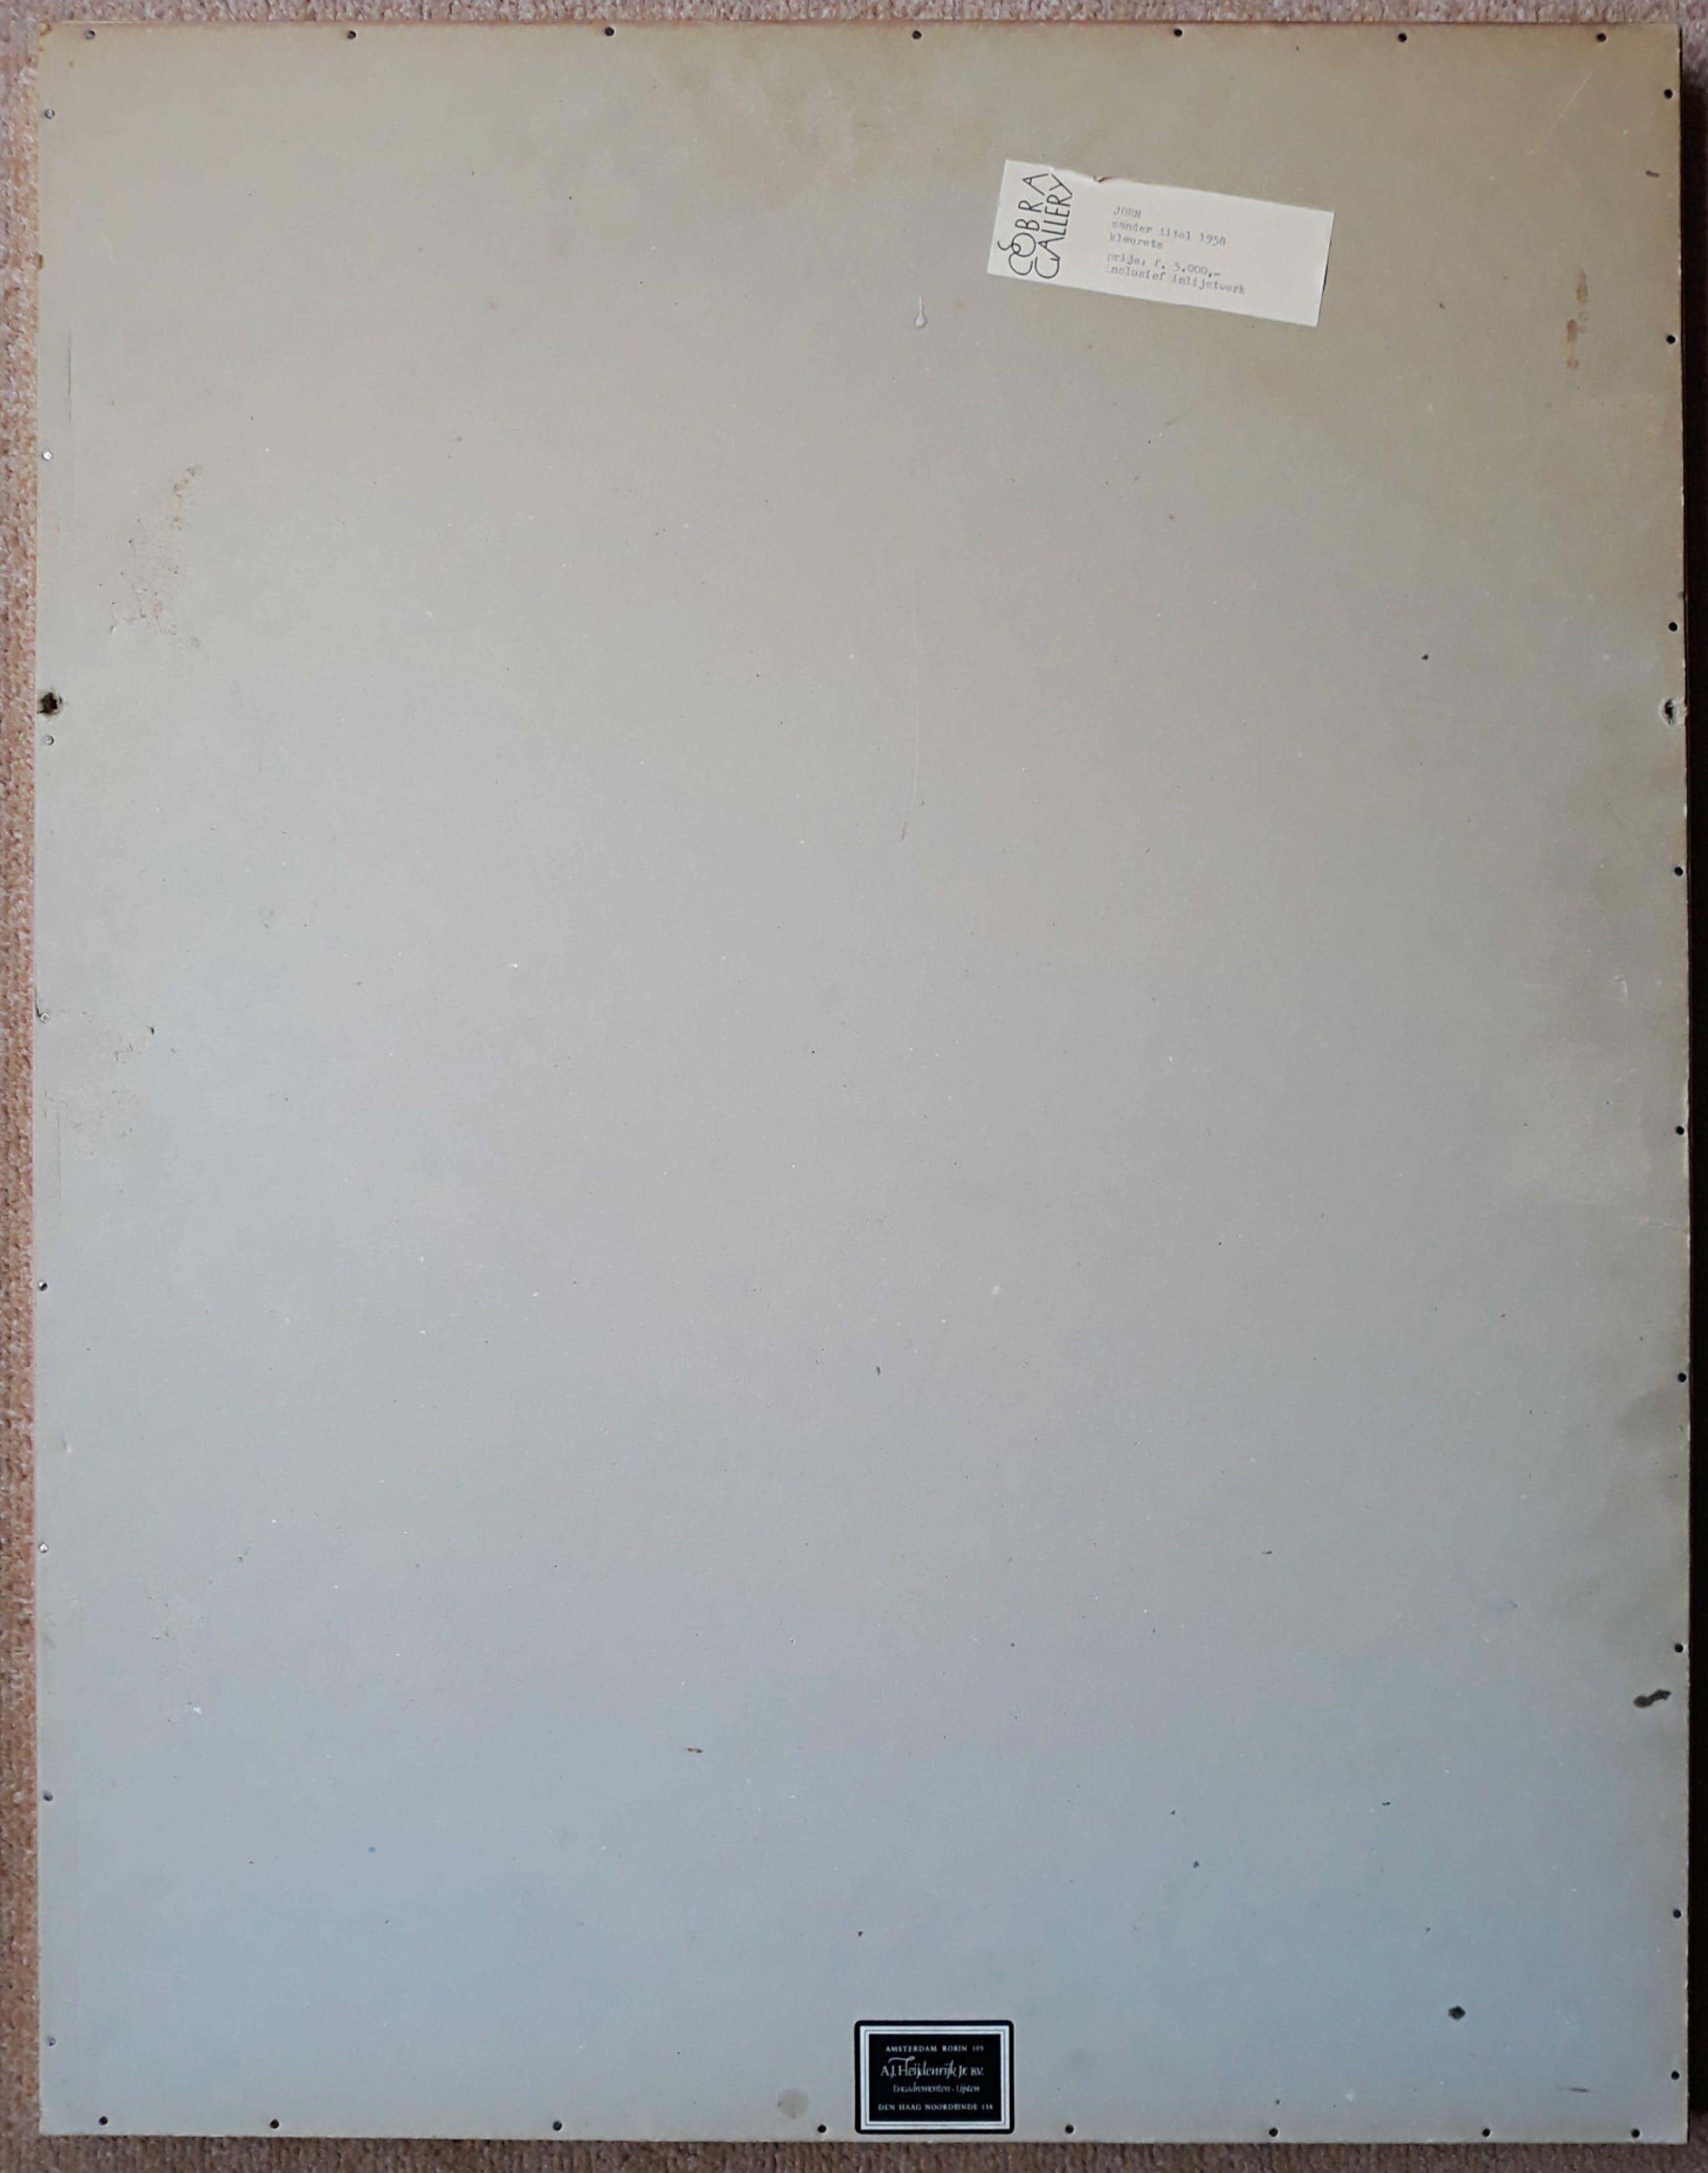 Asger Jorn - Compositie, 1959, ets (ingelijst) kopen? Bied vanaf 595!